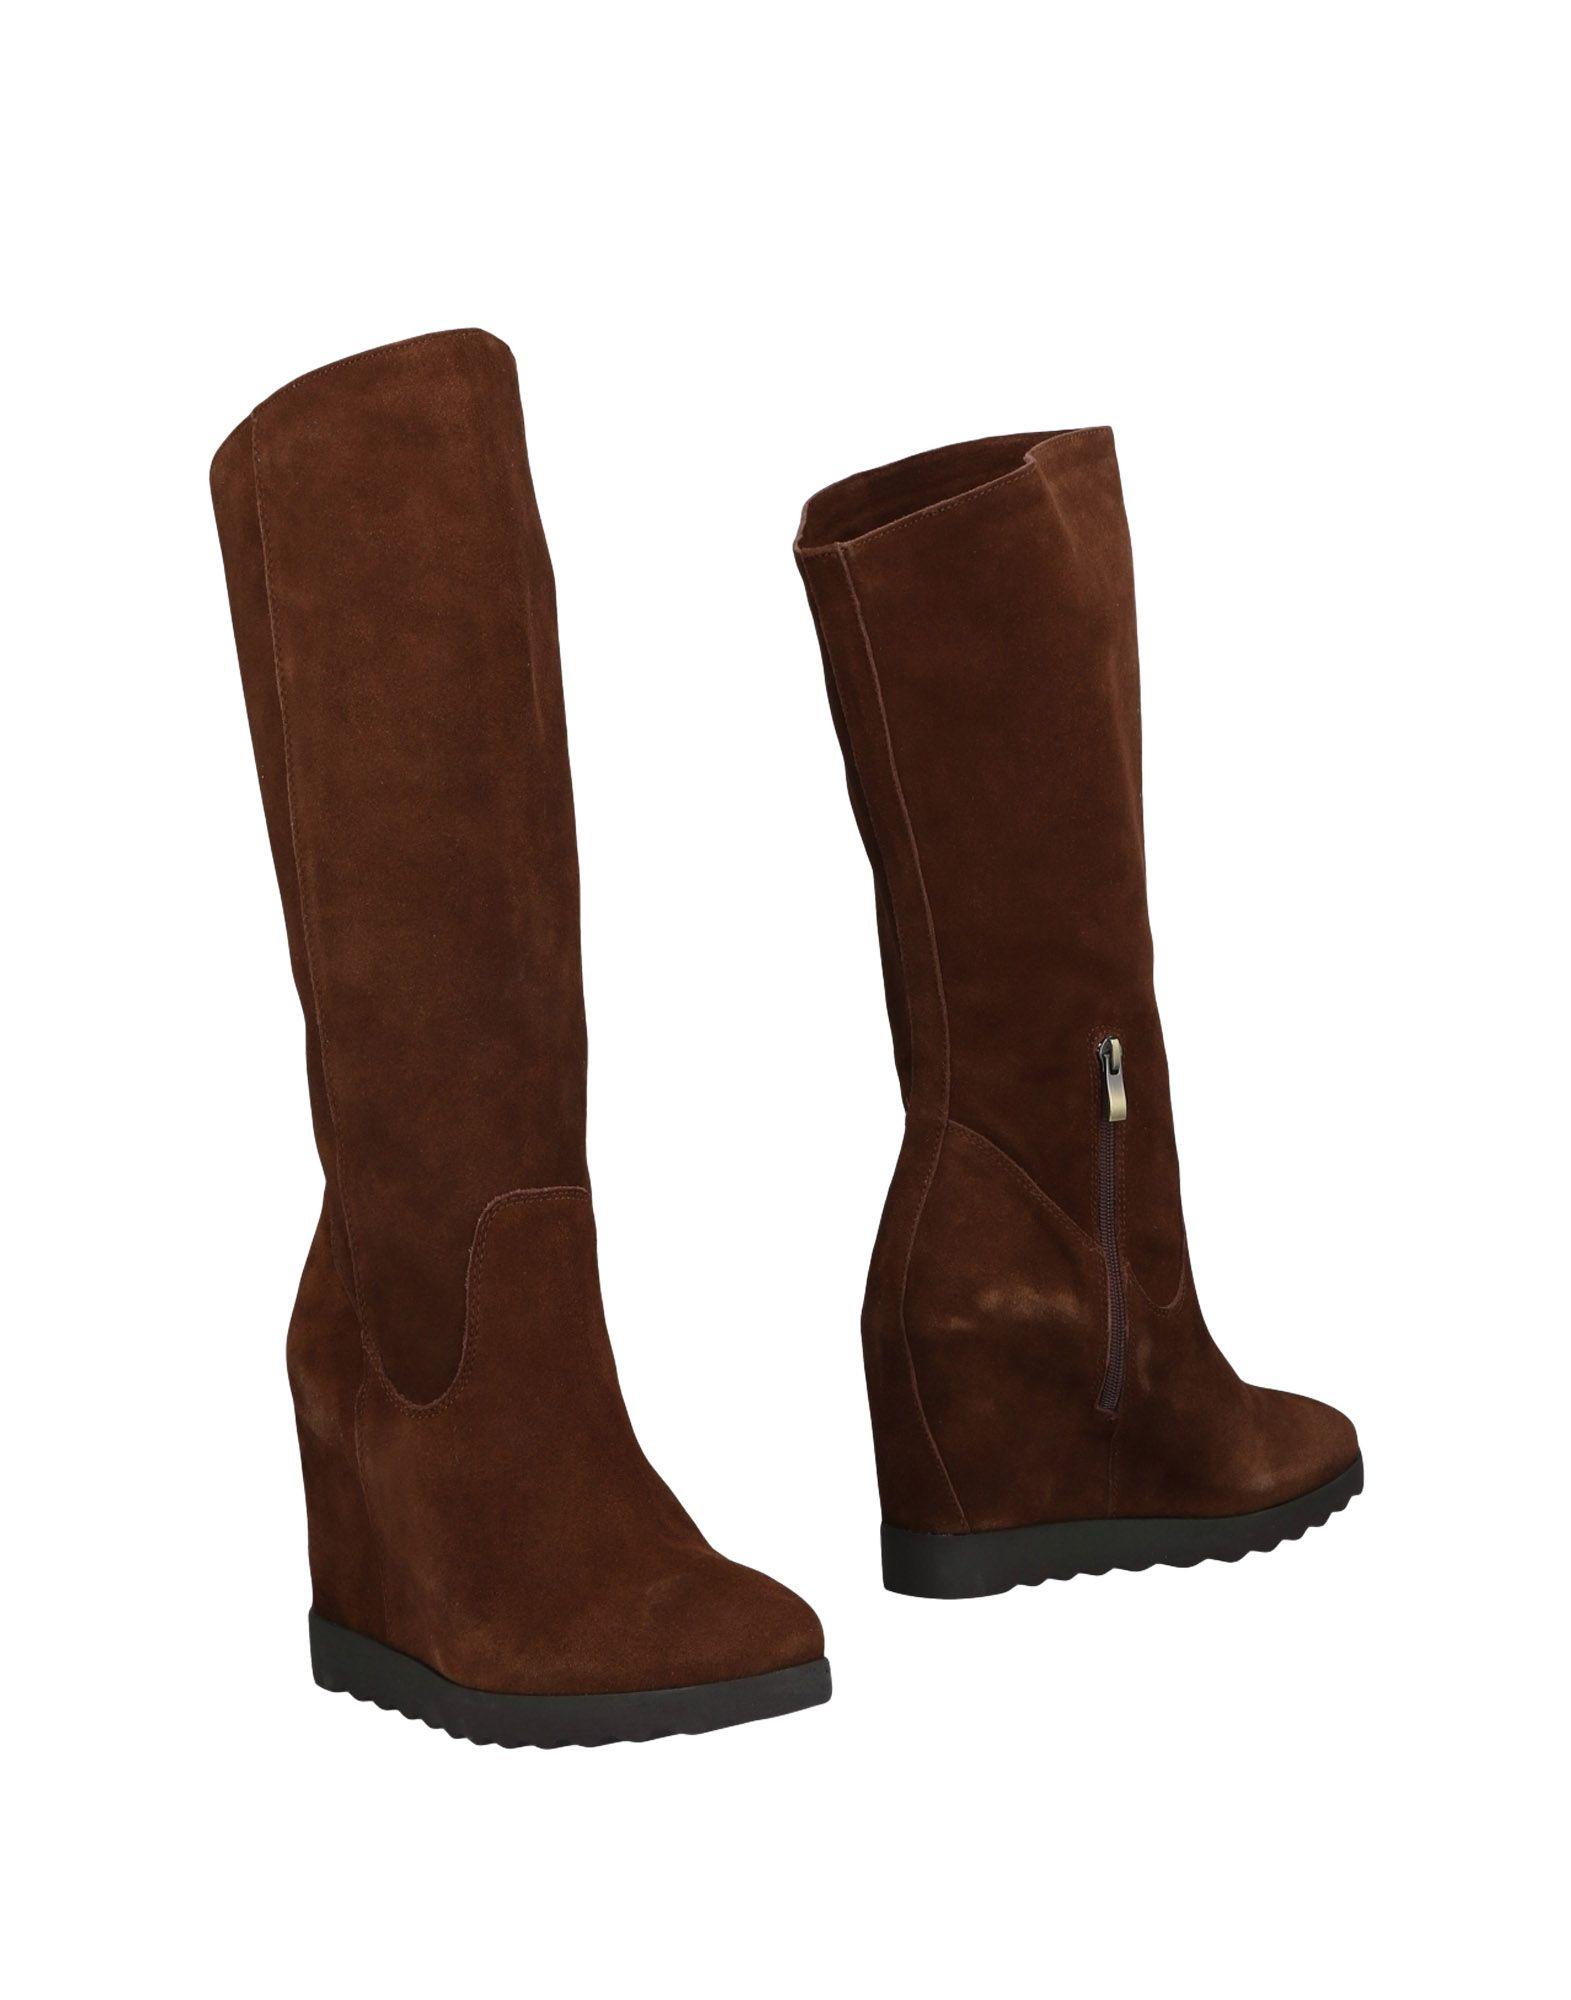 Cafènoir Stiefel Damen Schuhe  11467813OE Gute Qualität beliebte Schuhe Damen 90f985